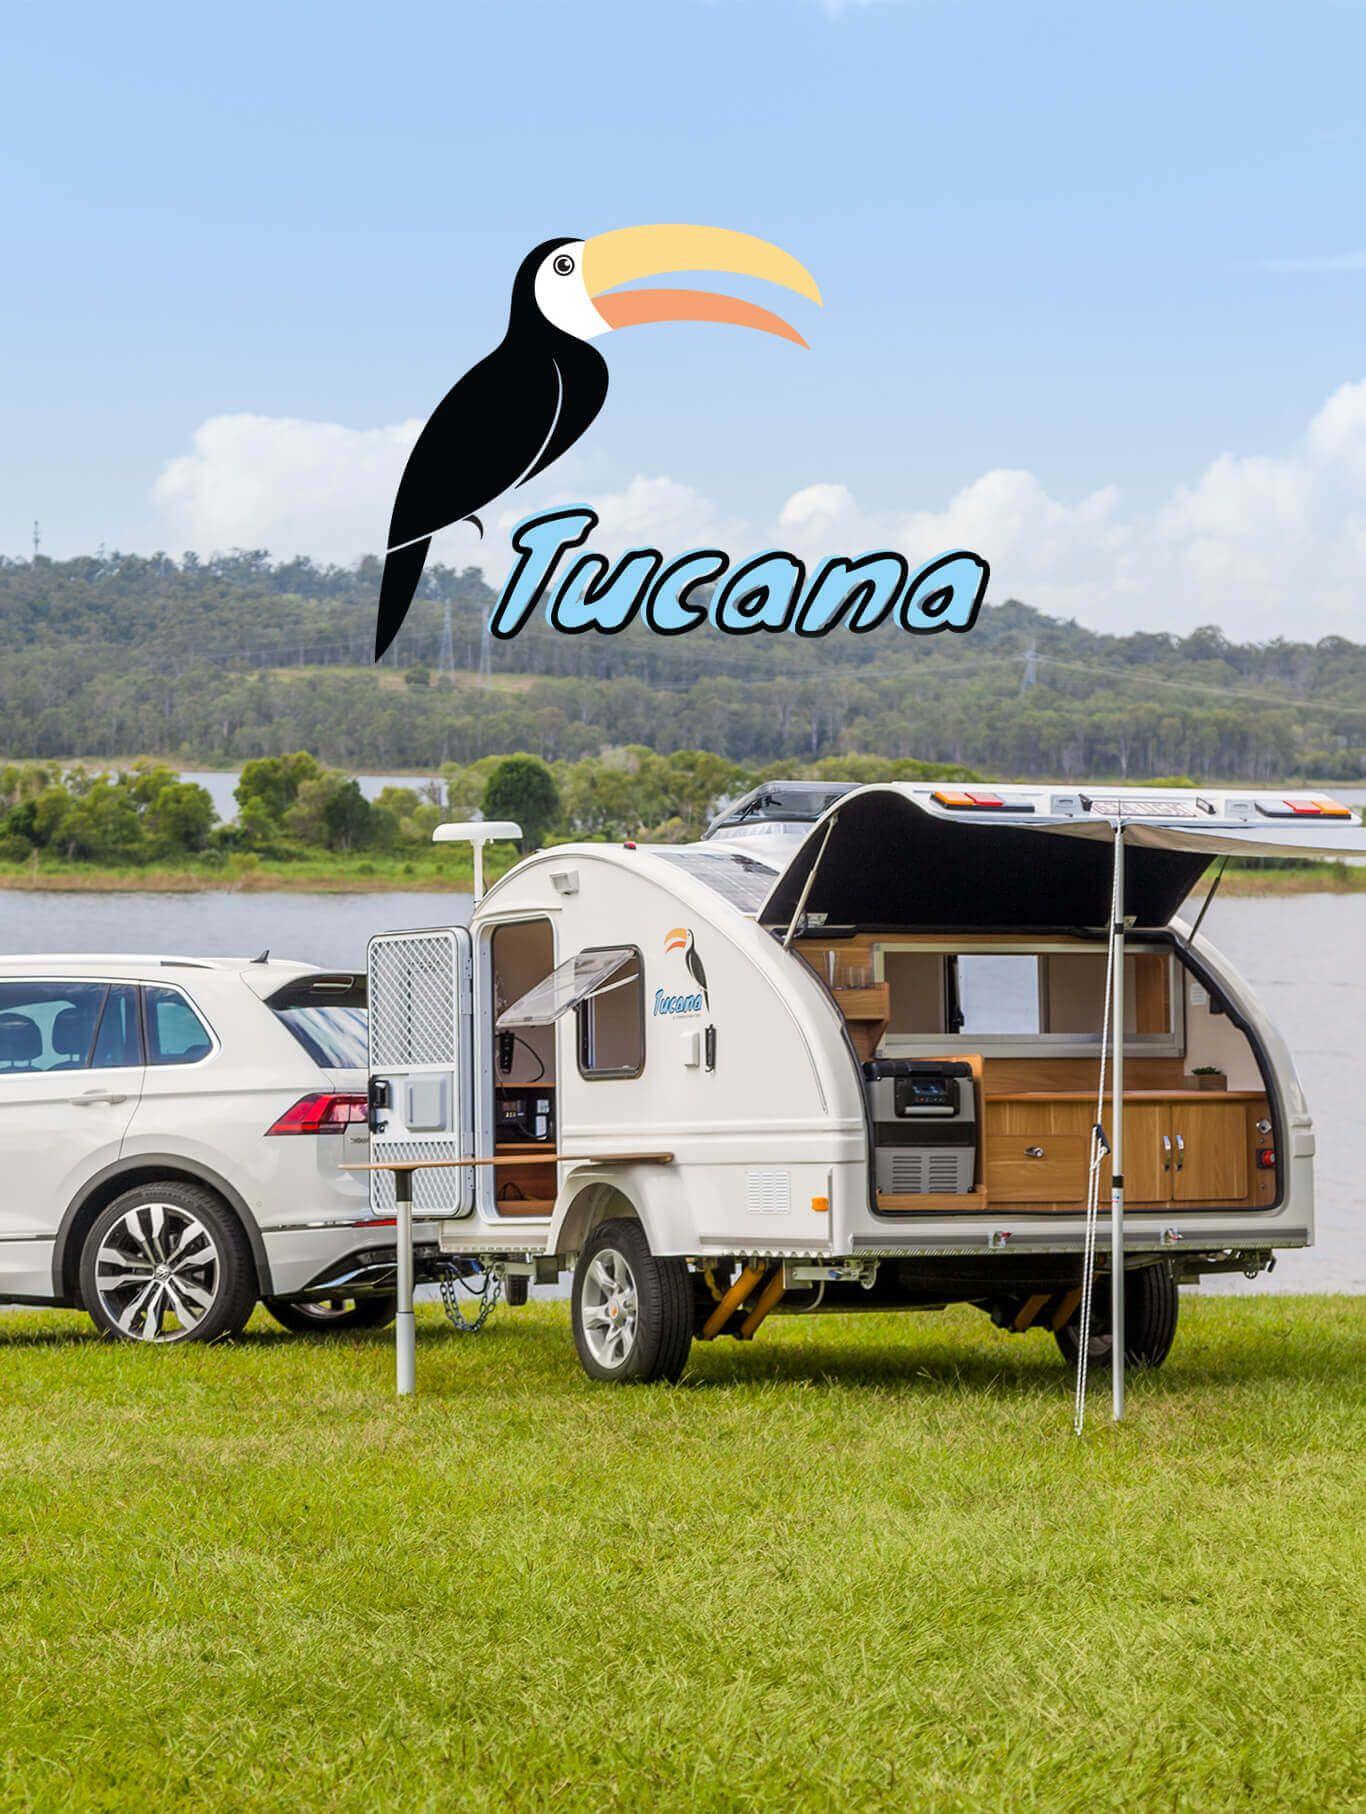 Tucana Teardrop Camper Teardrop Caravan Camper Trailer